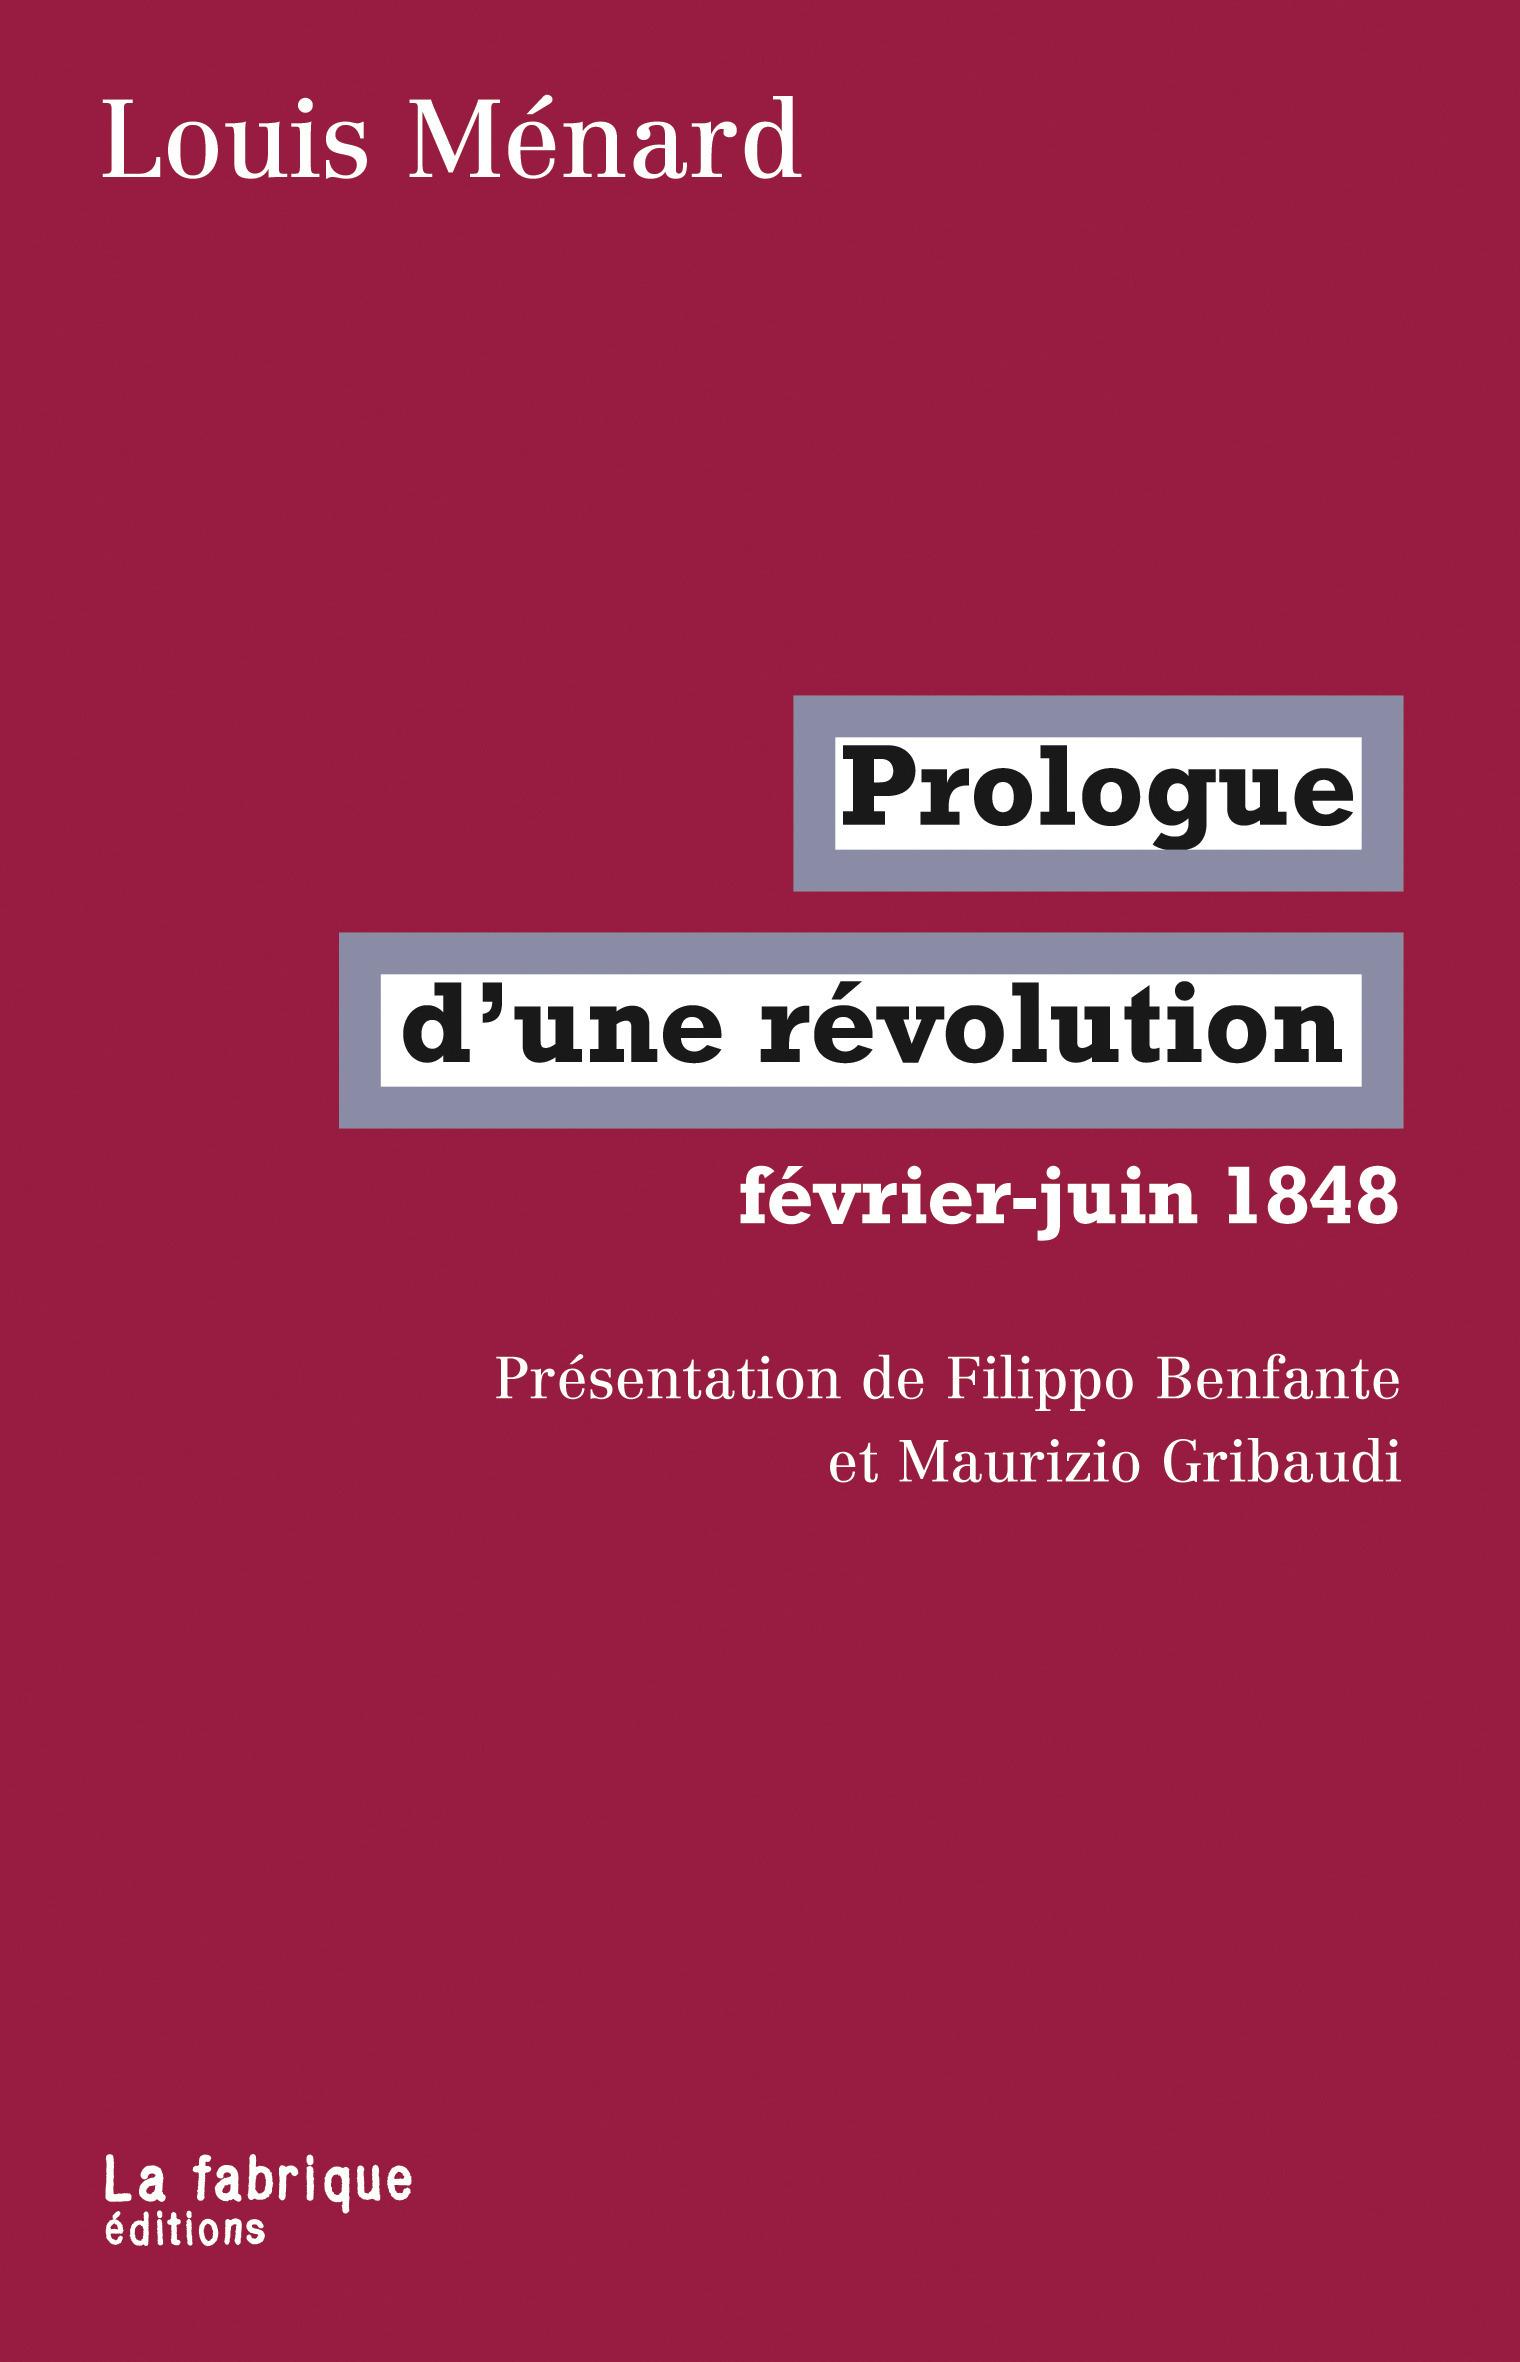 Prologue d'une révolution ; février-juin 1848